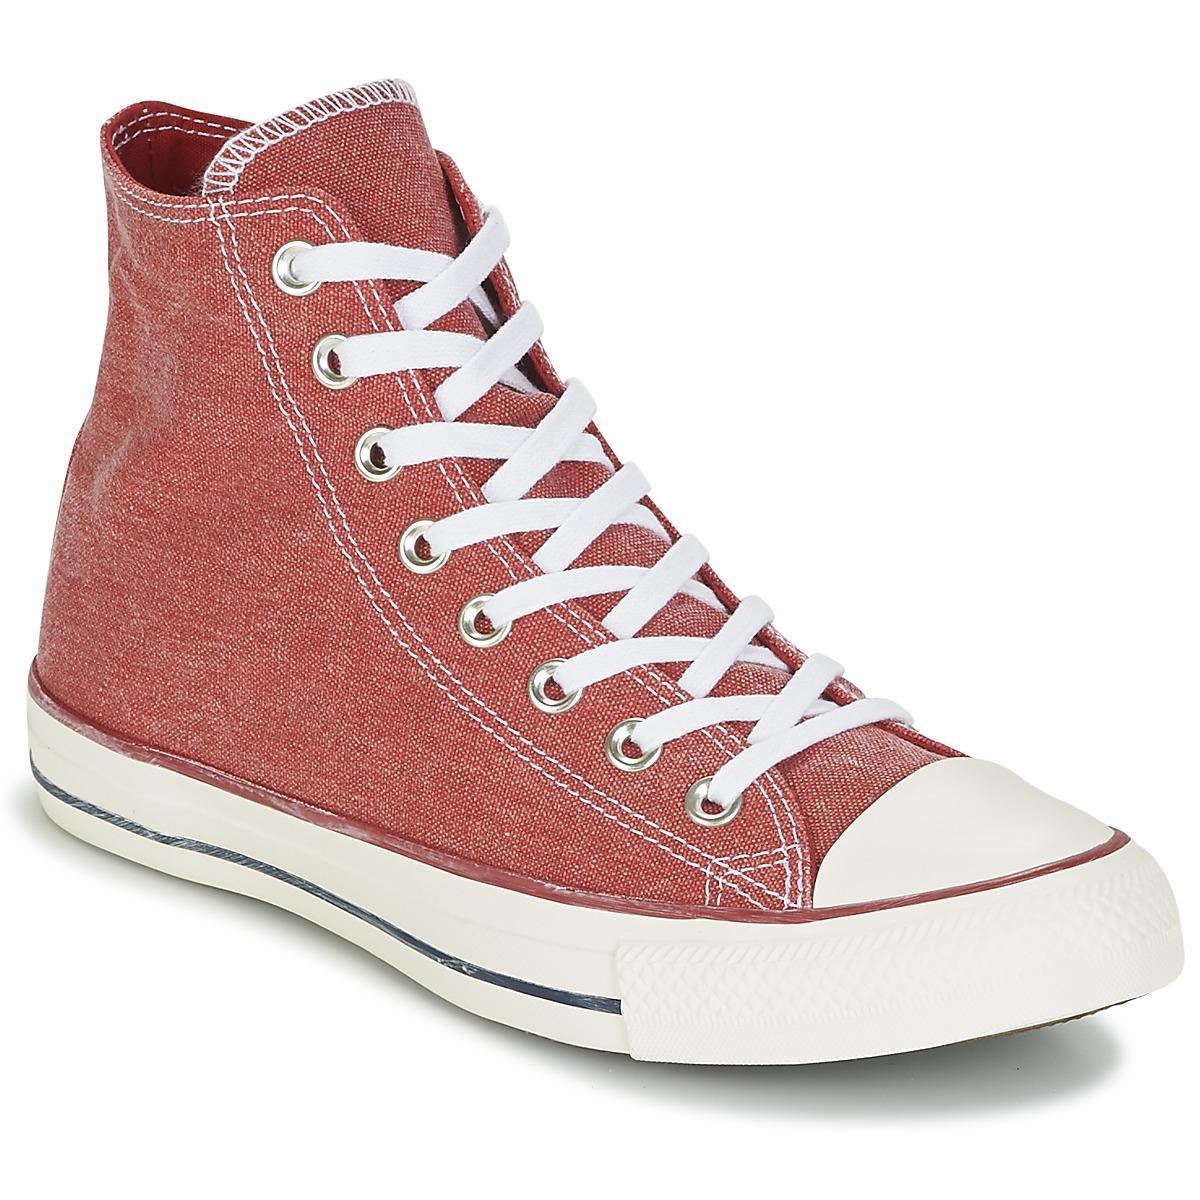 e7b6df19a3b66a Converse Chuck Taylor All Star Hi Stone Wash Women's Shoes (high-top ...